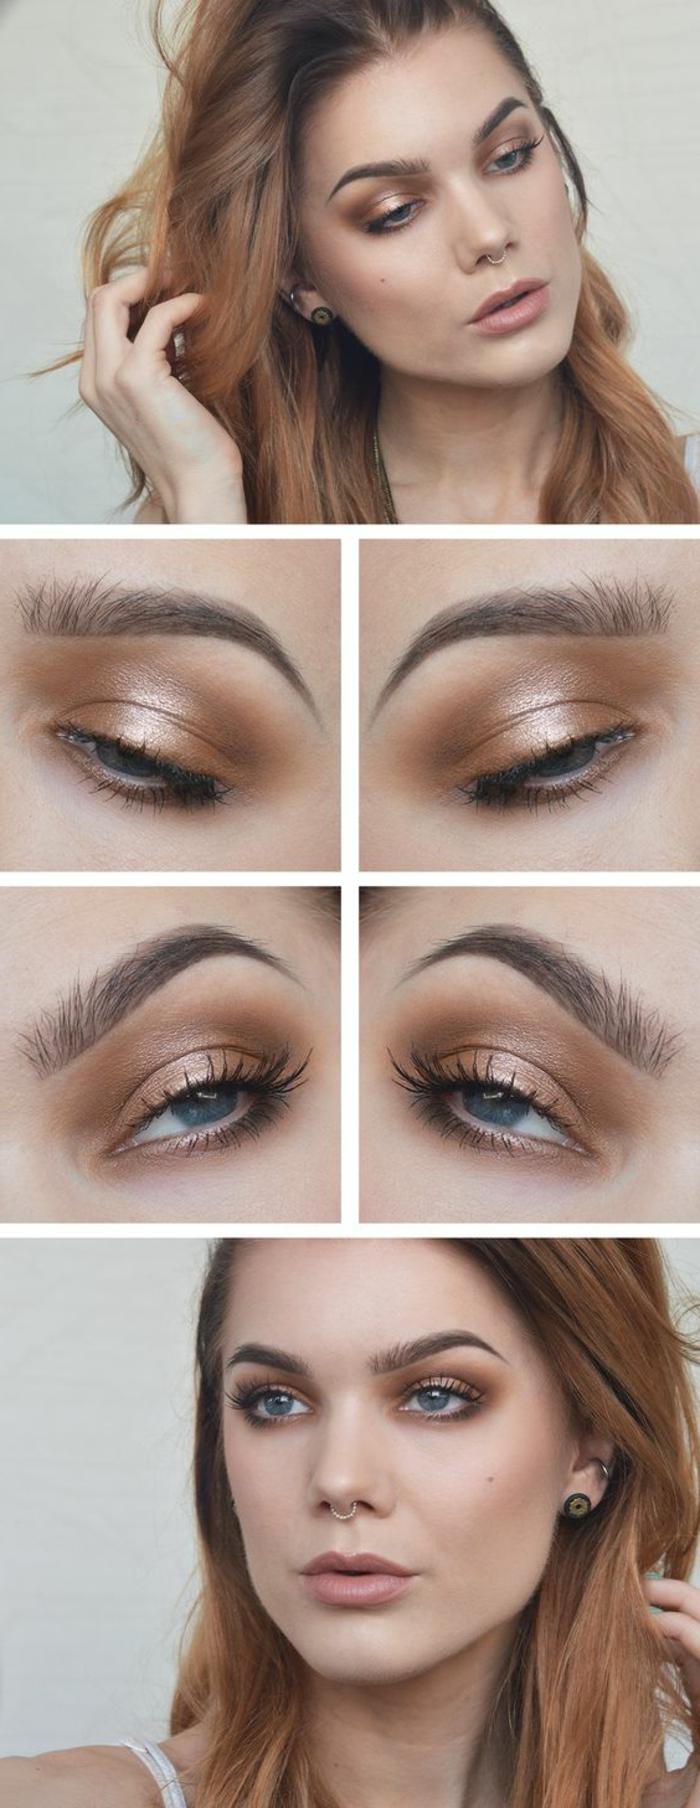 maquillage-des-yeux-doré-femme-au-teint-pâle-maquillage-marron